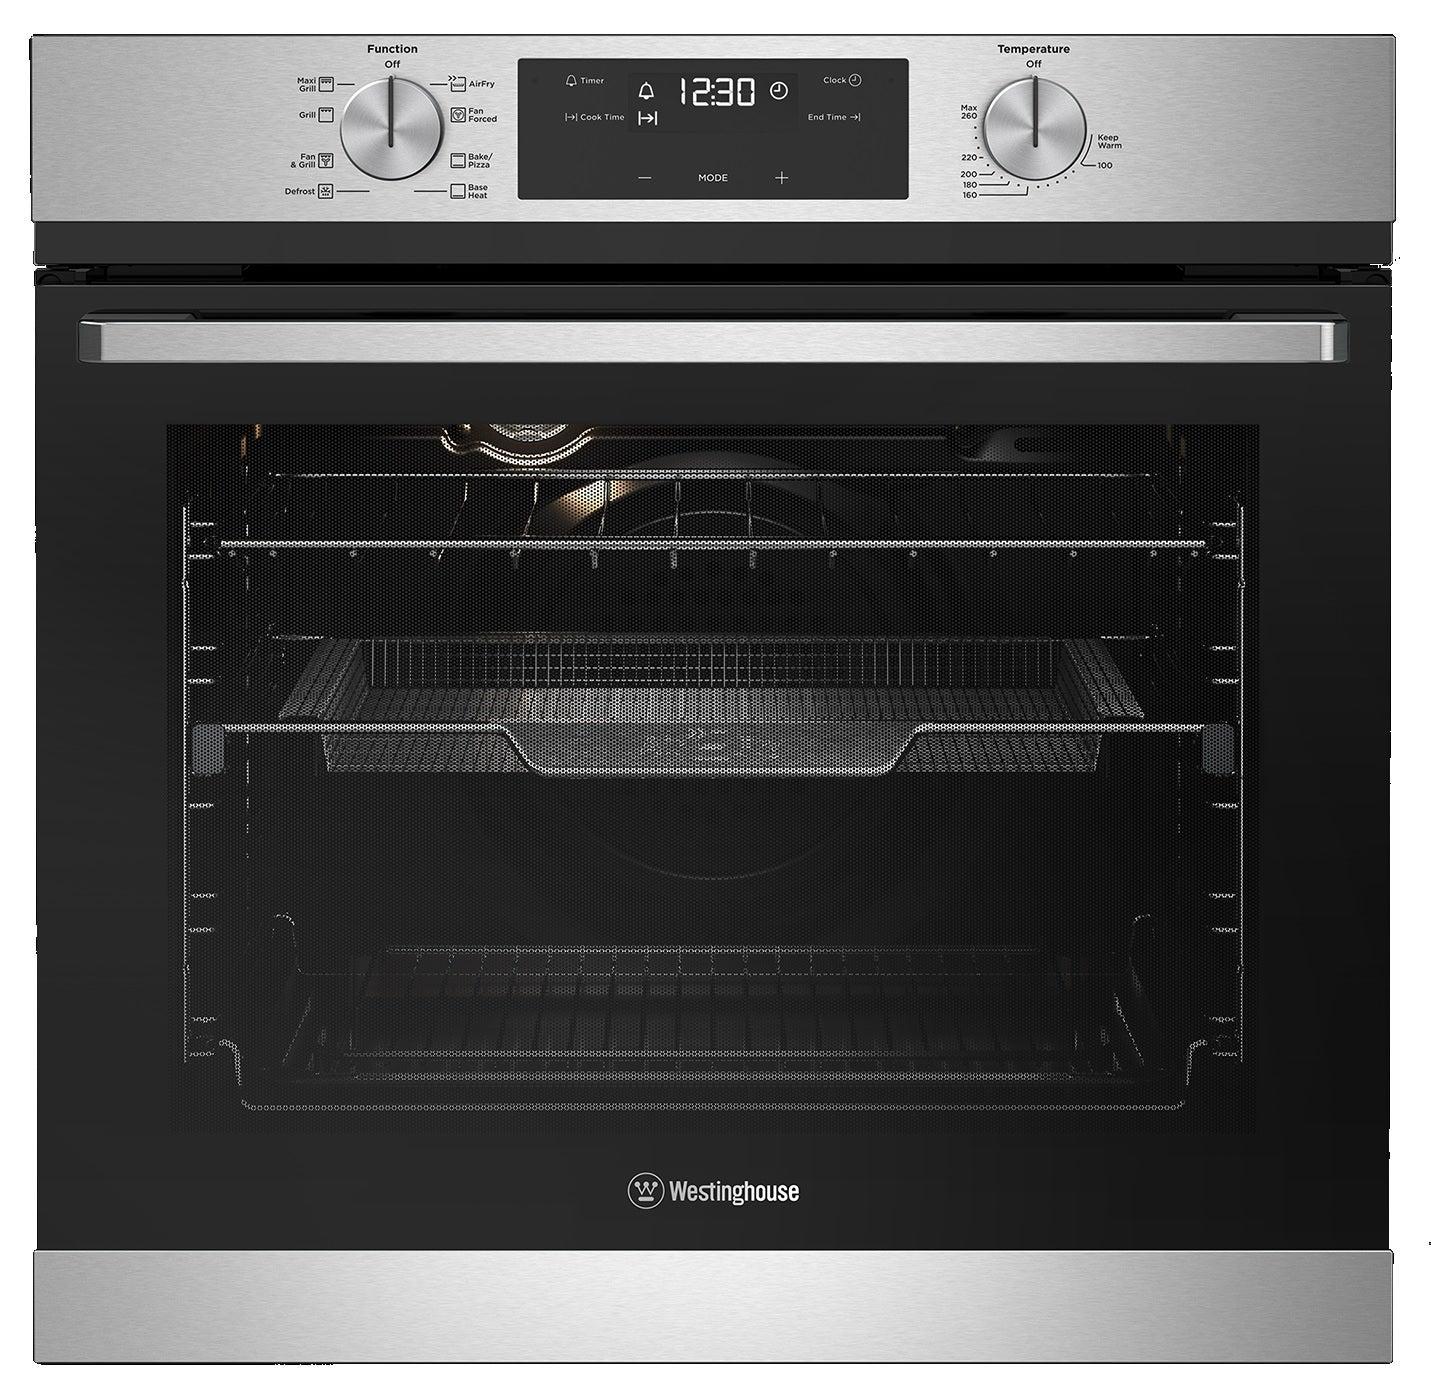 Westinghouse WVE616SC Oven